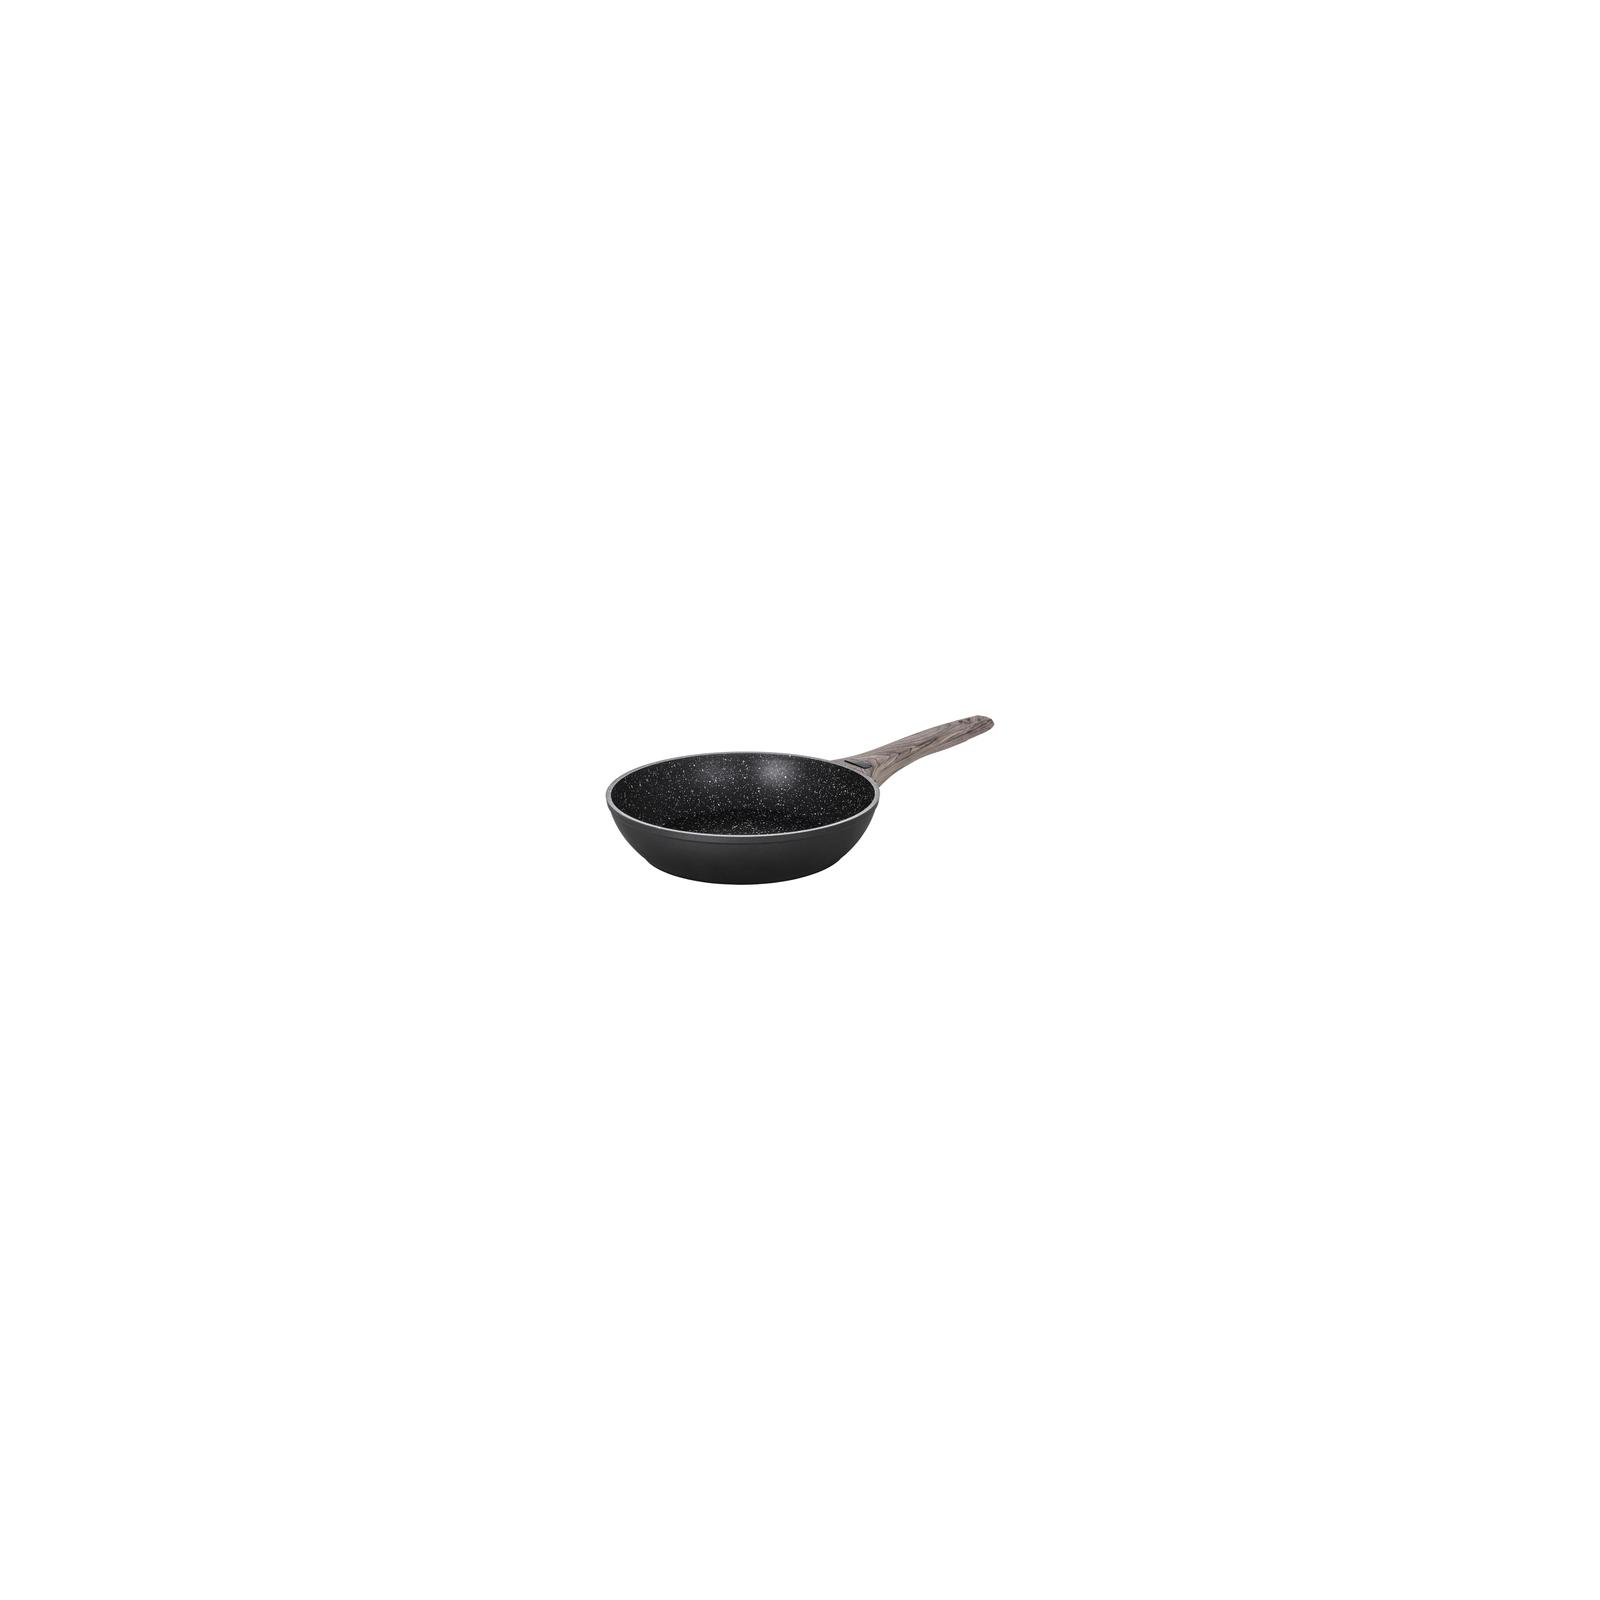 Сковорода Ringel IQ Nordic 24 см (RG-1123-24)